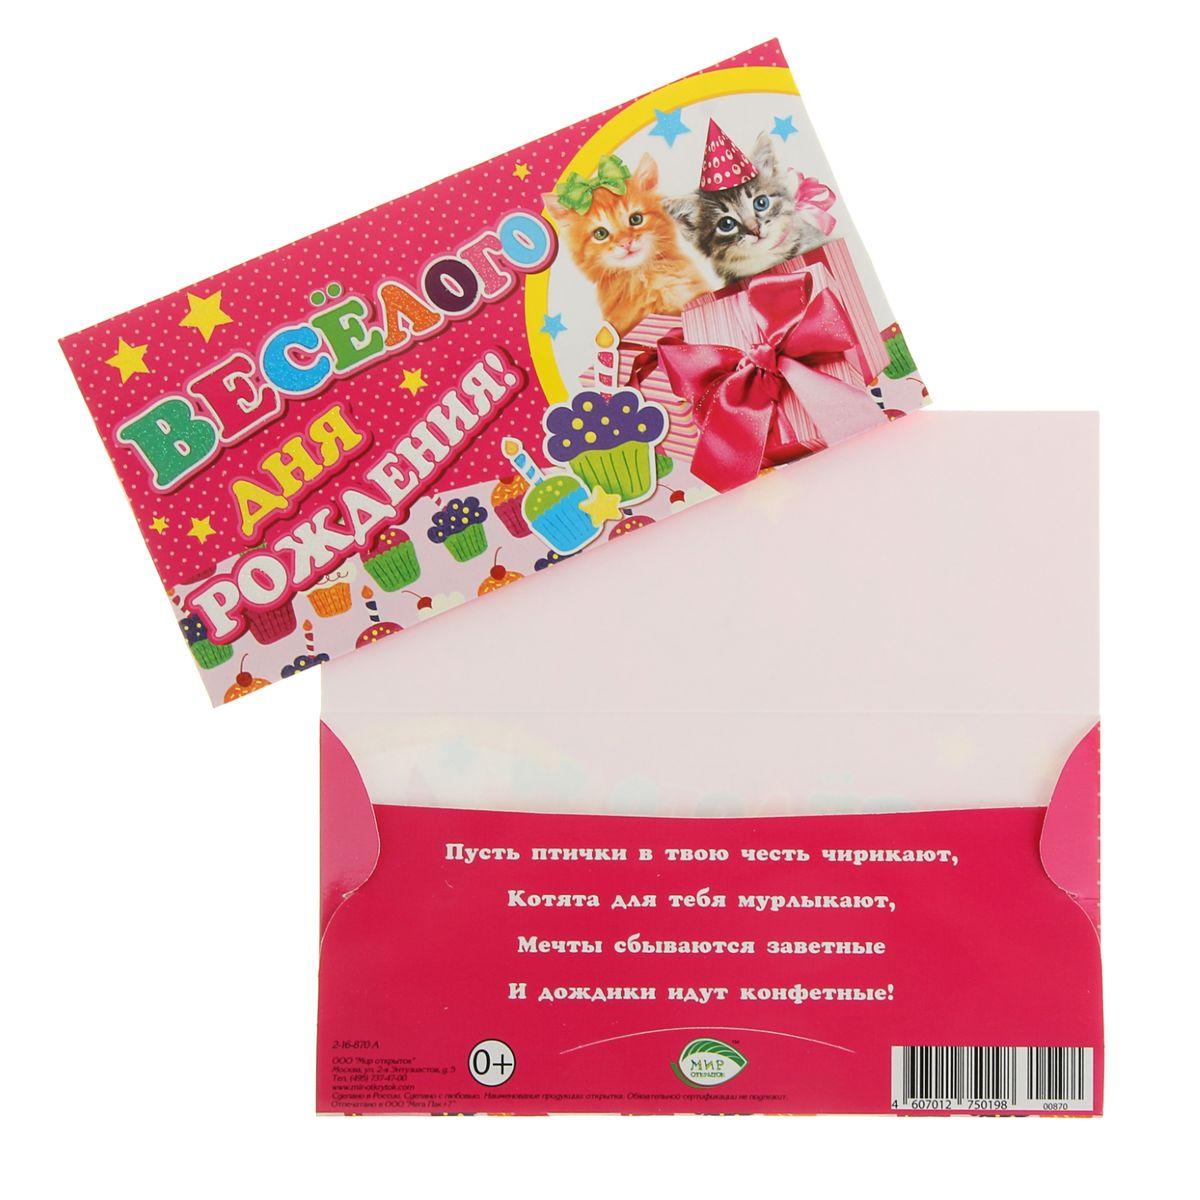 Конверт для денег Веселого Дня Рождения!. 913116SS 4041Конверт для денег Веселого Дня Рождения! выполнен из плотной бумаги и украшен яркой картинкой, соответствующей событию. Это необычная красивая одежка для денежного подарка, а так же отличная возможность сделать его более праздничным и создать прекрасное настроение! Конверт Веселого Дня Рождения! - идеальное решение, если вы хотите подарить деньги.